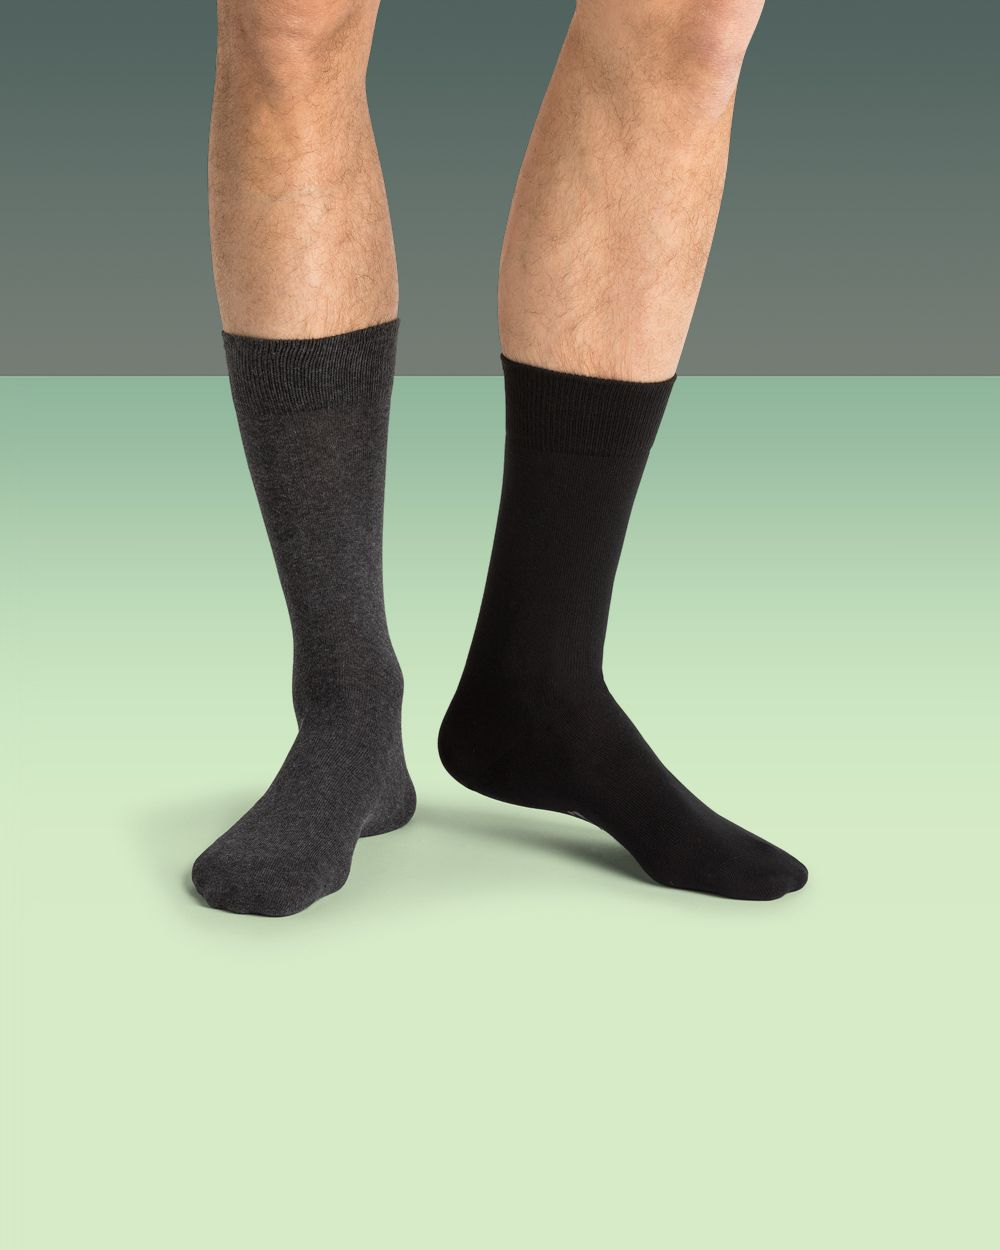 Chaussettes coton bio unies - Entretien facile